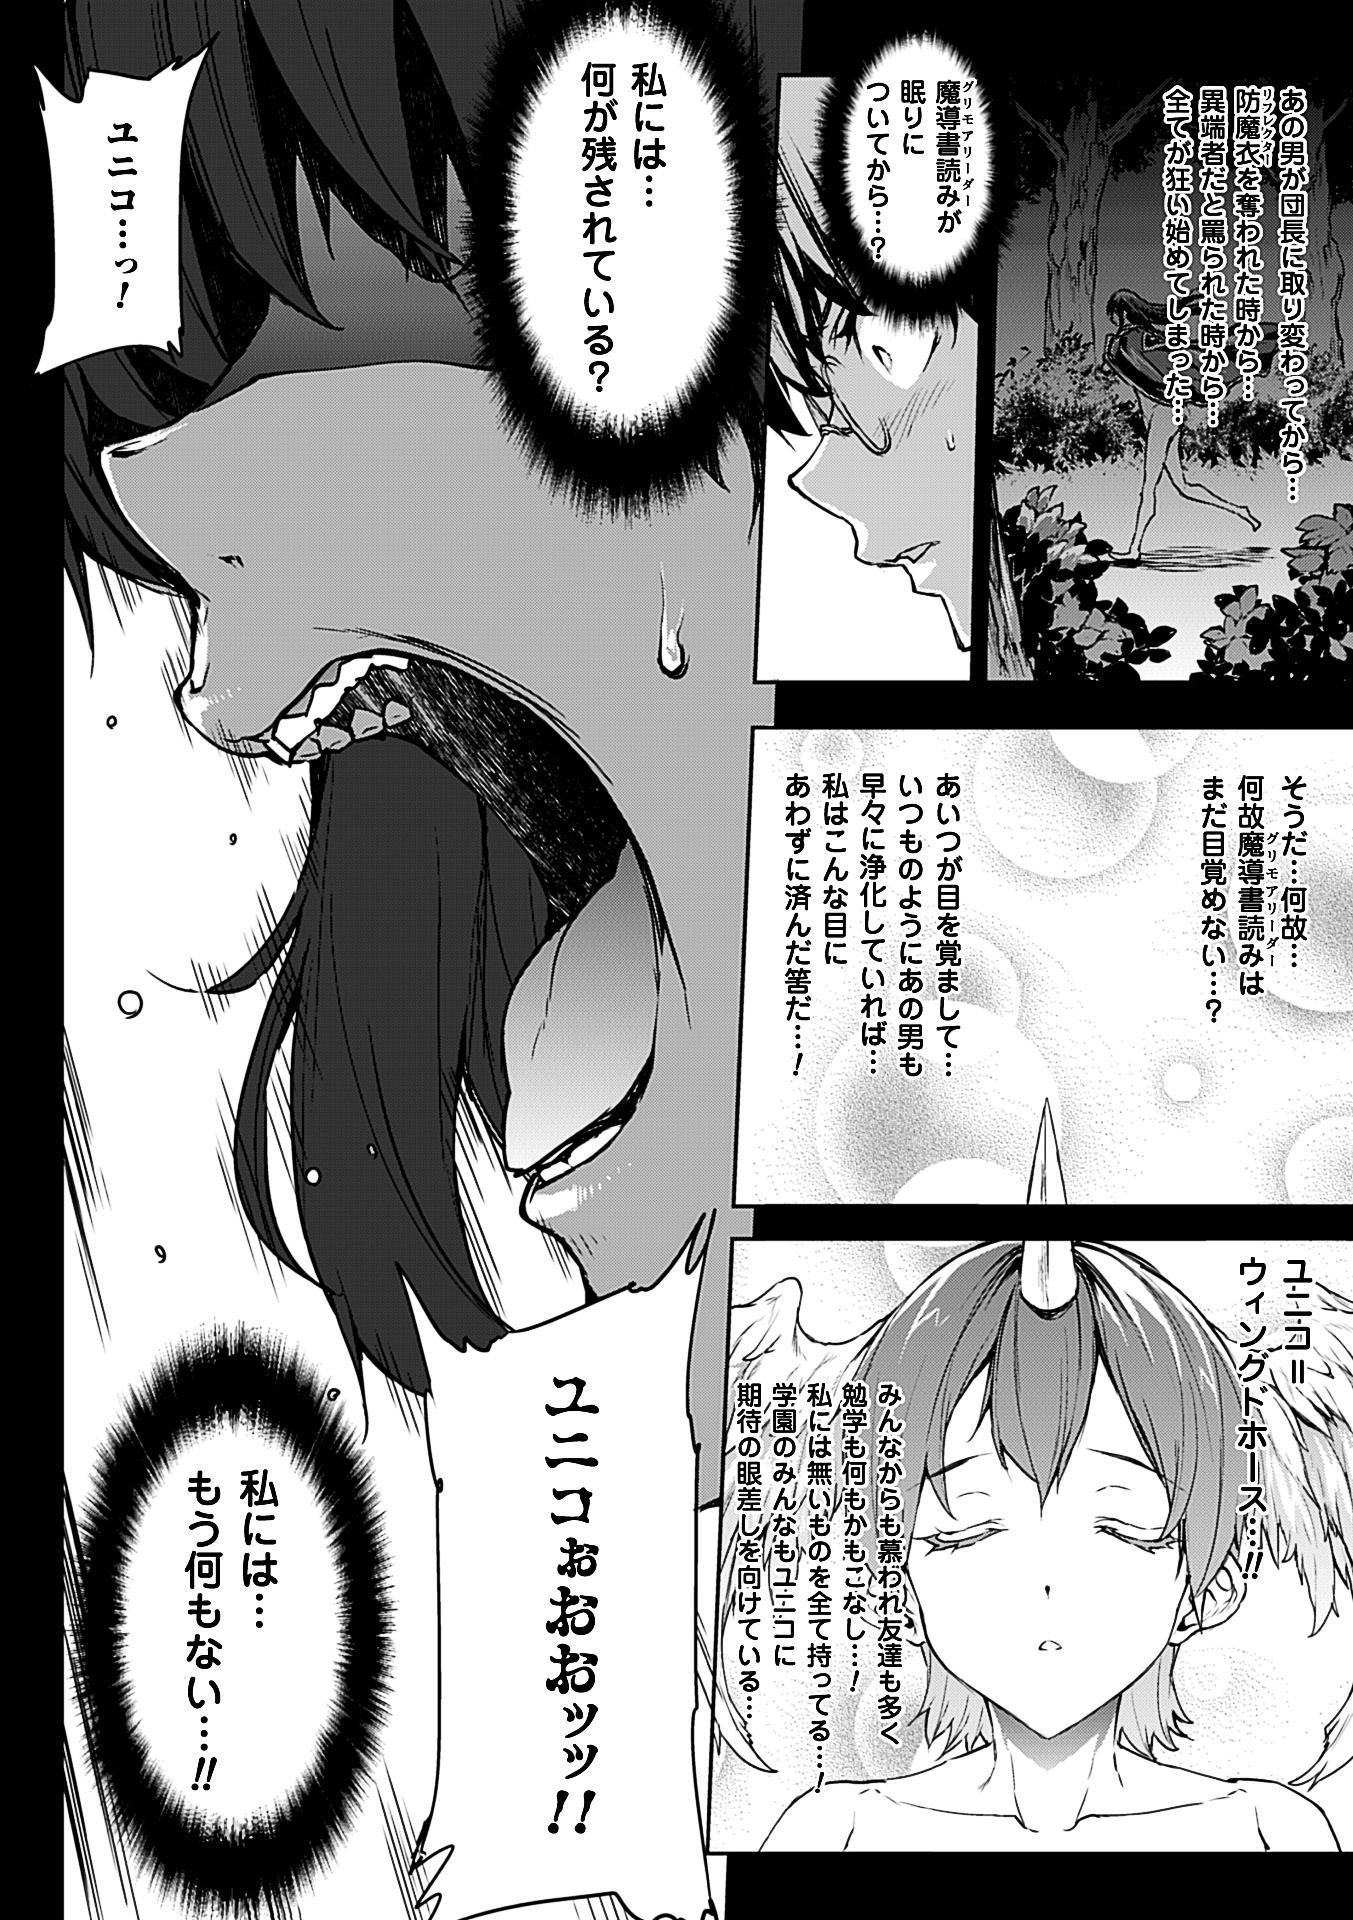 Shinkyoku no Grimoire II 199